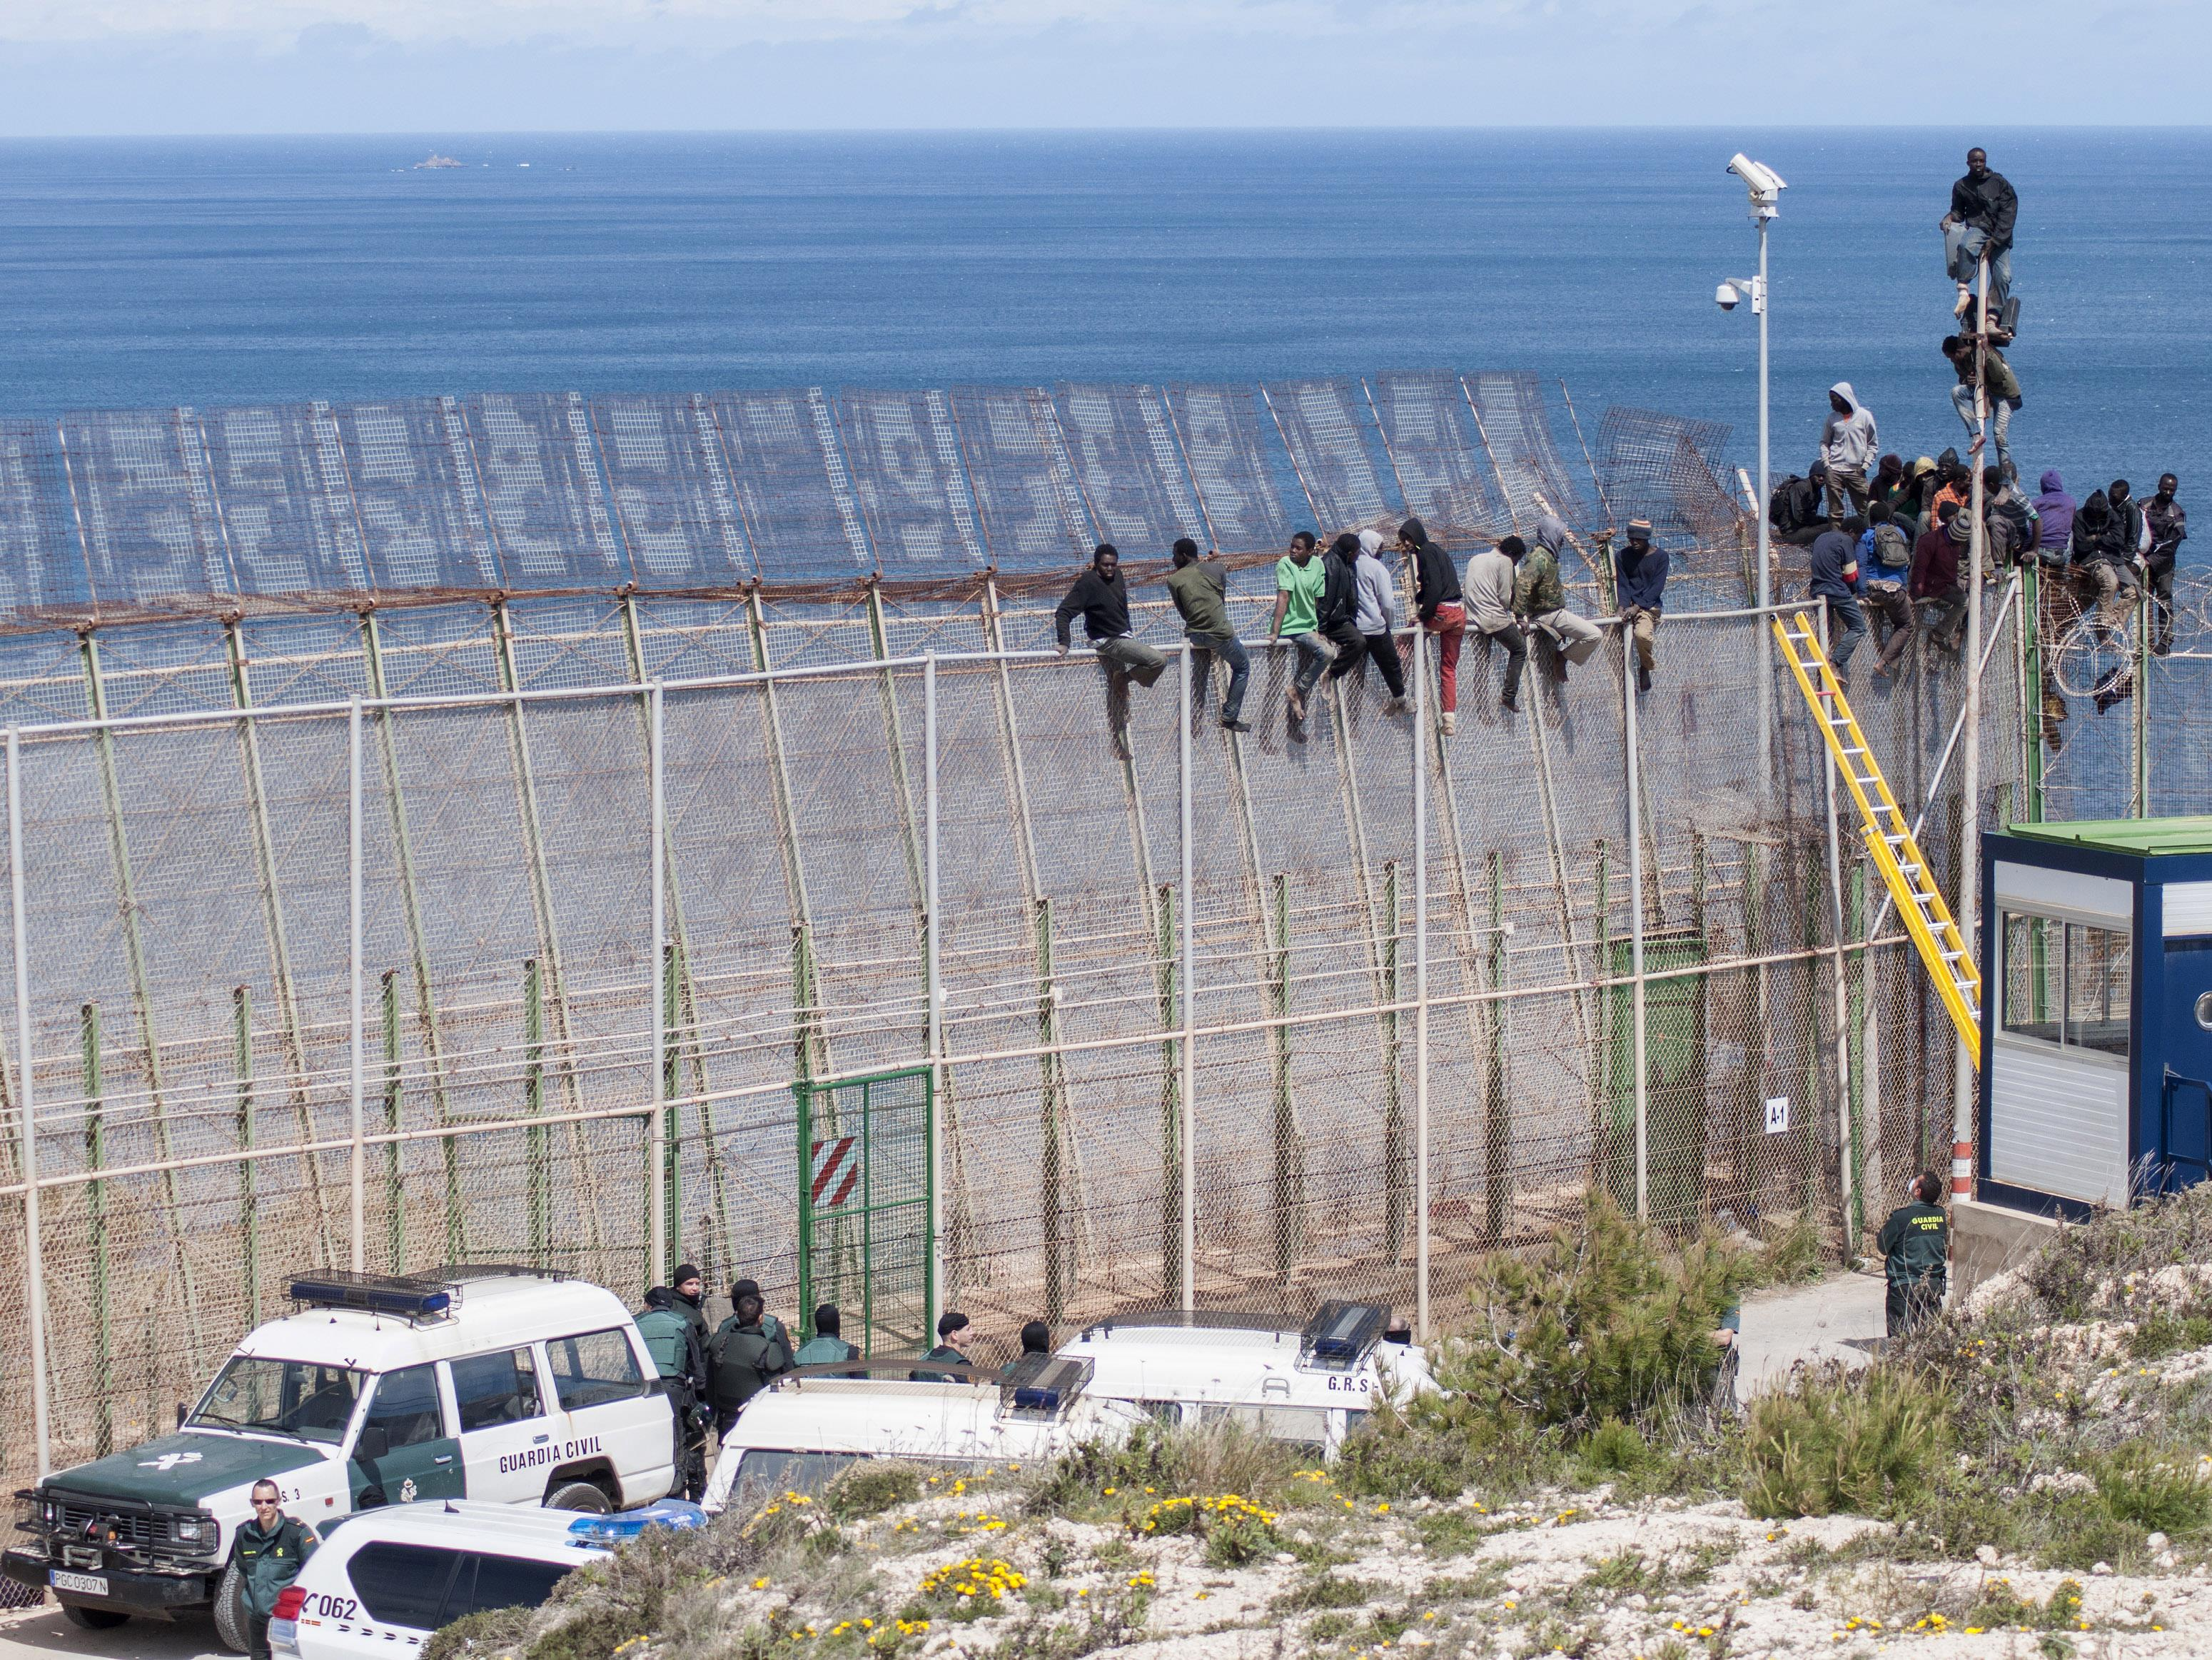 Des migrants africains tentent de franchir la frontière clôturée entre le Maroc et l'Espagne, dans l'enclave espagnole de Melilla en avril 2014.